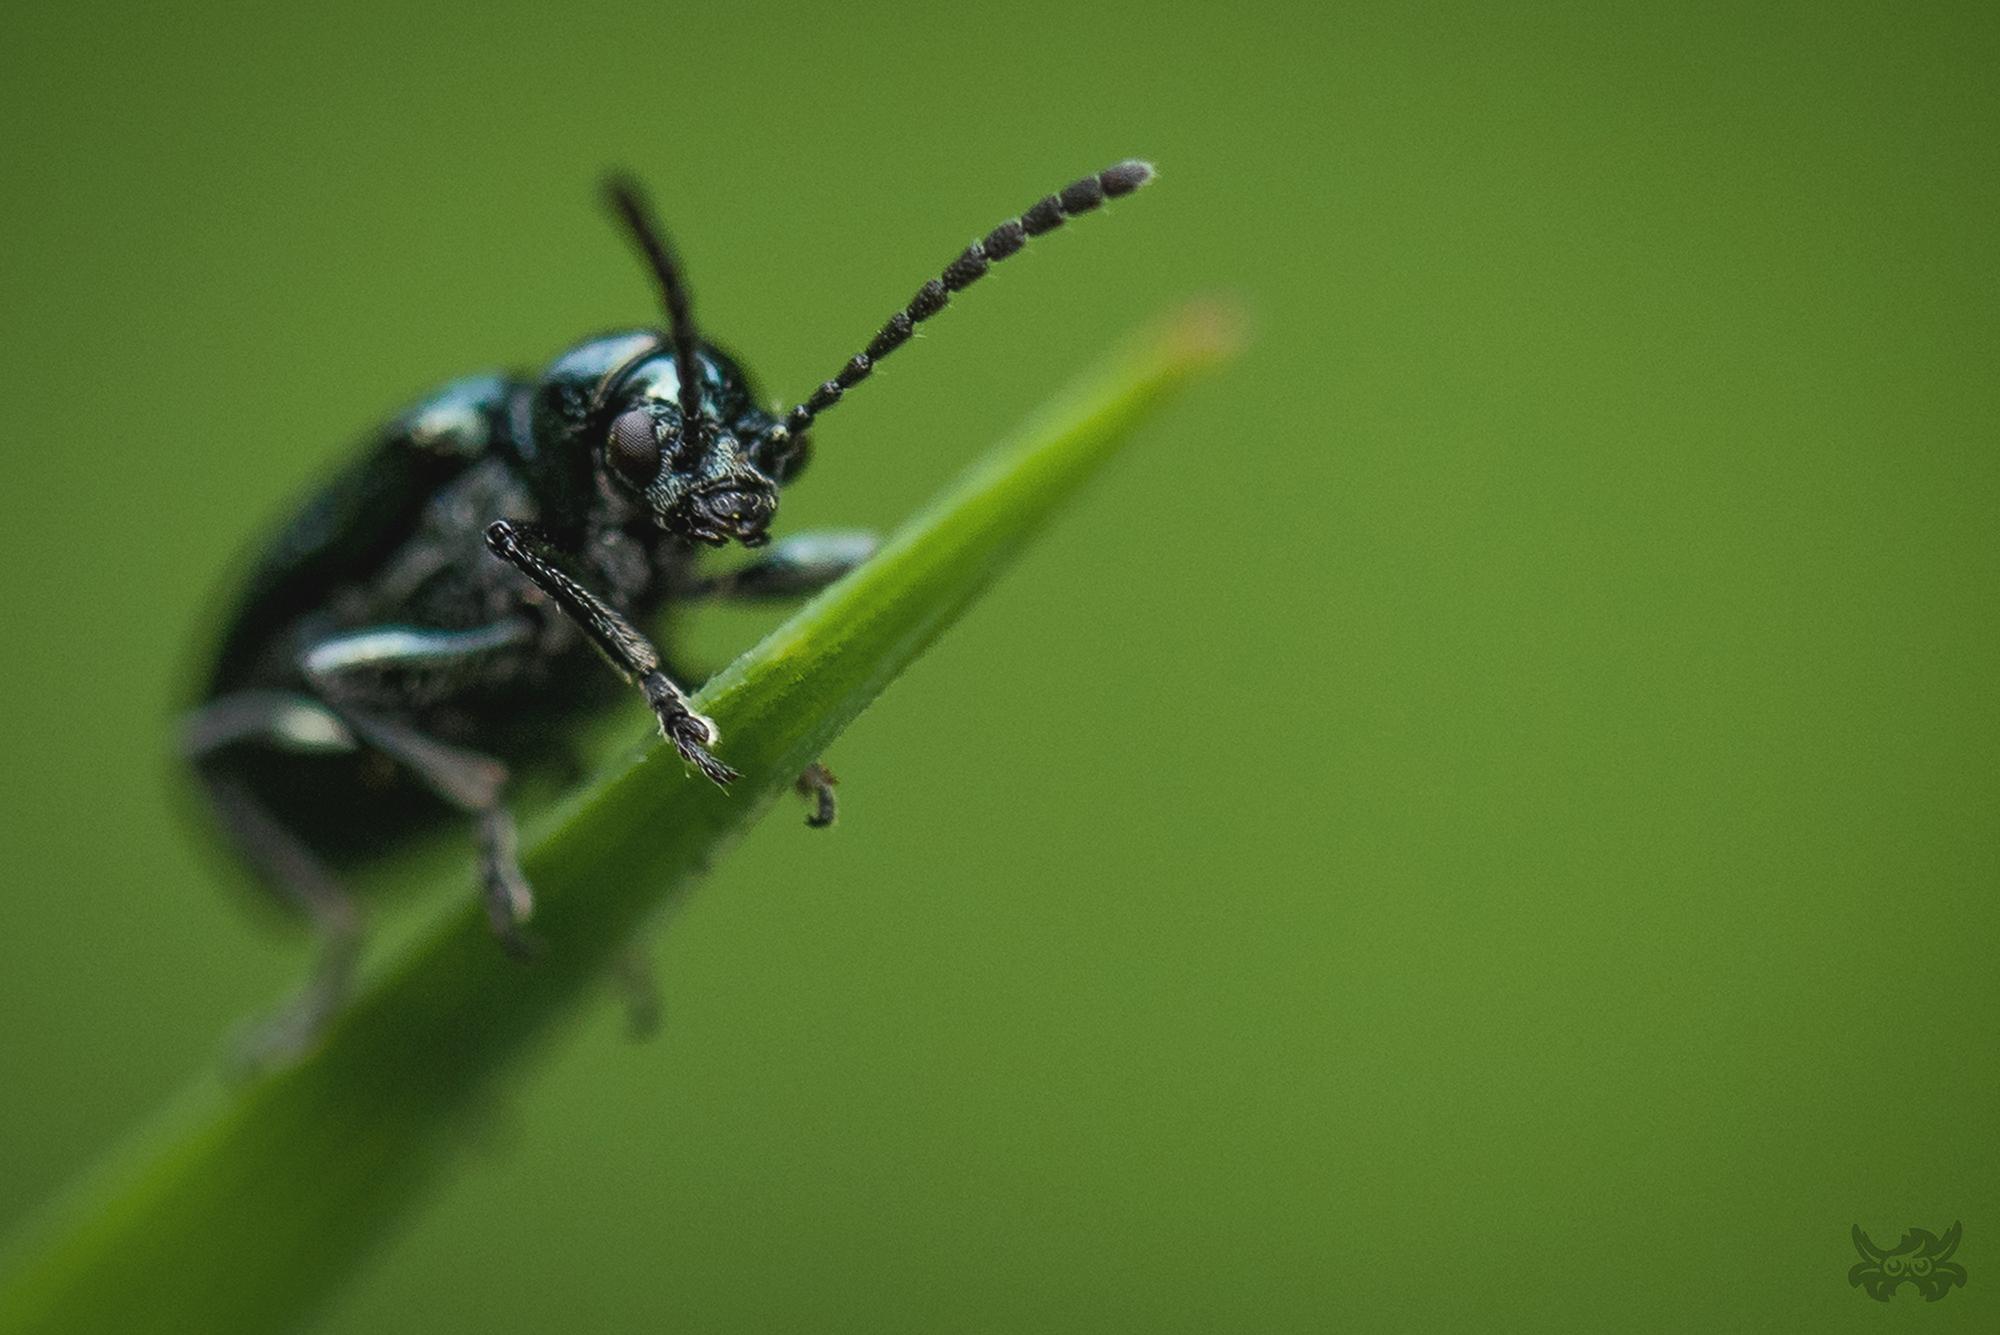 Macrophotographie de coléoptère réalisée par Baptiste Leroy, photographe en Bretagne